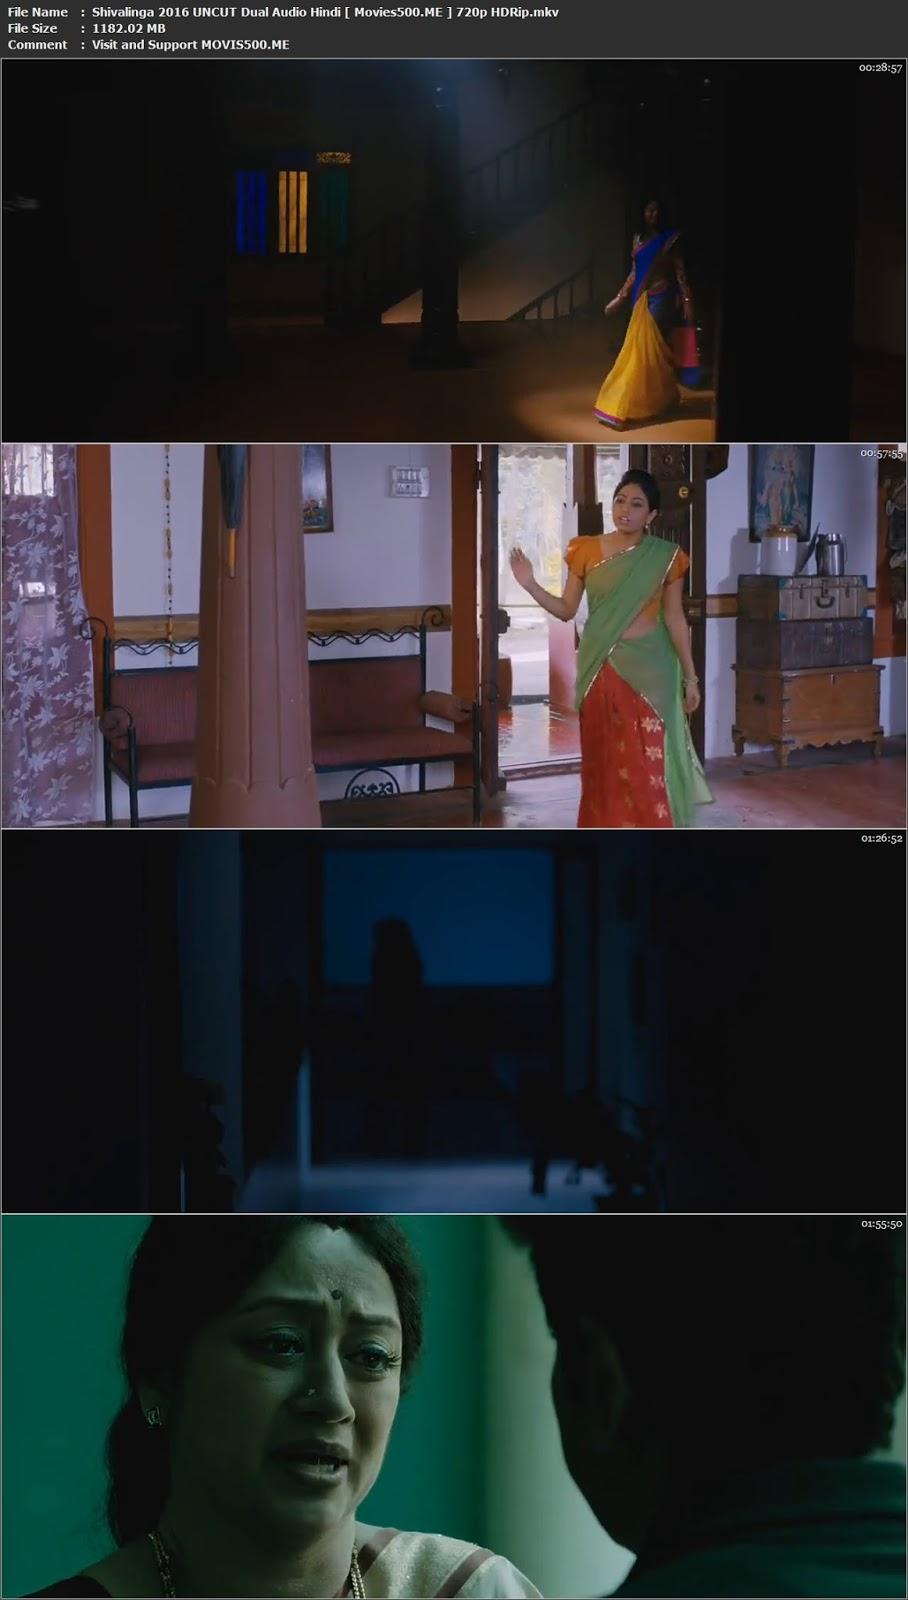 Shivalinga 2016 UNCUT Dual Audio Hindi HDRip 720p 1GB at createkits.com